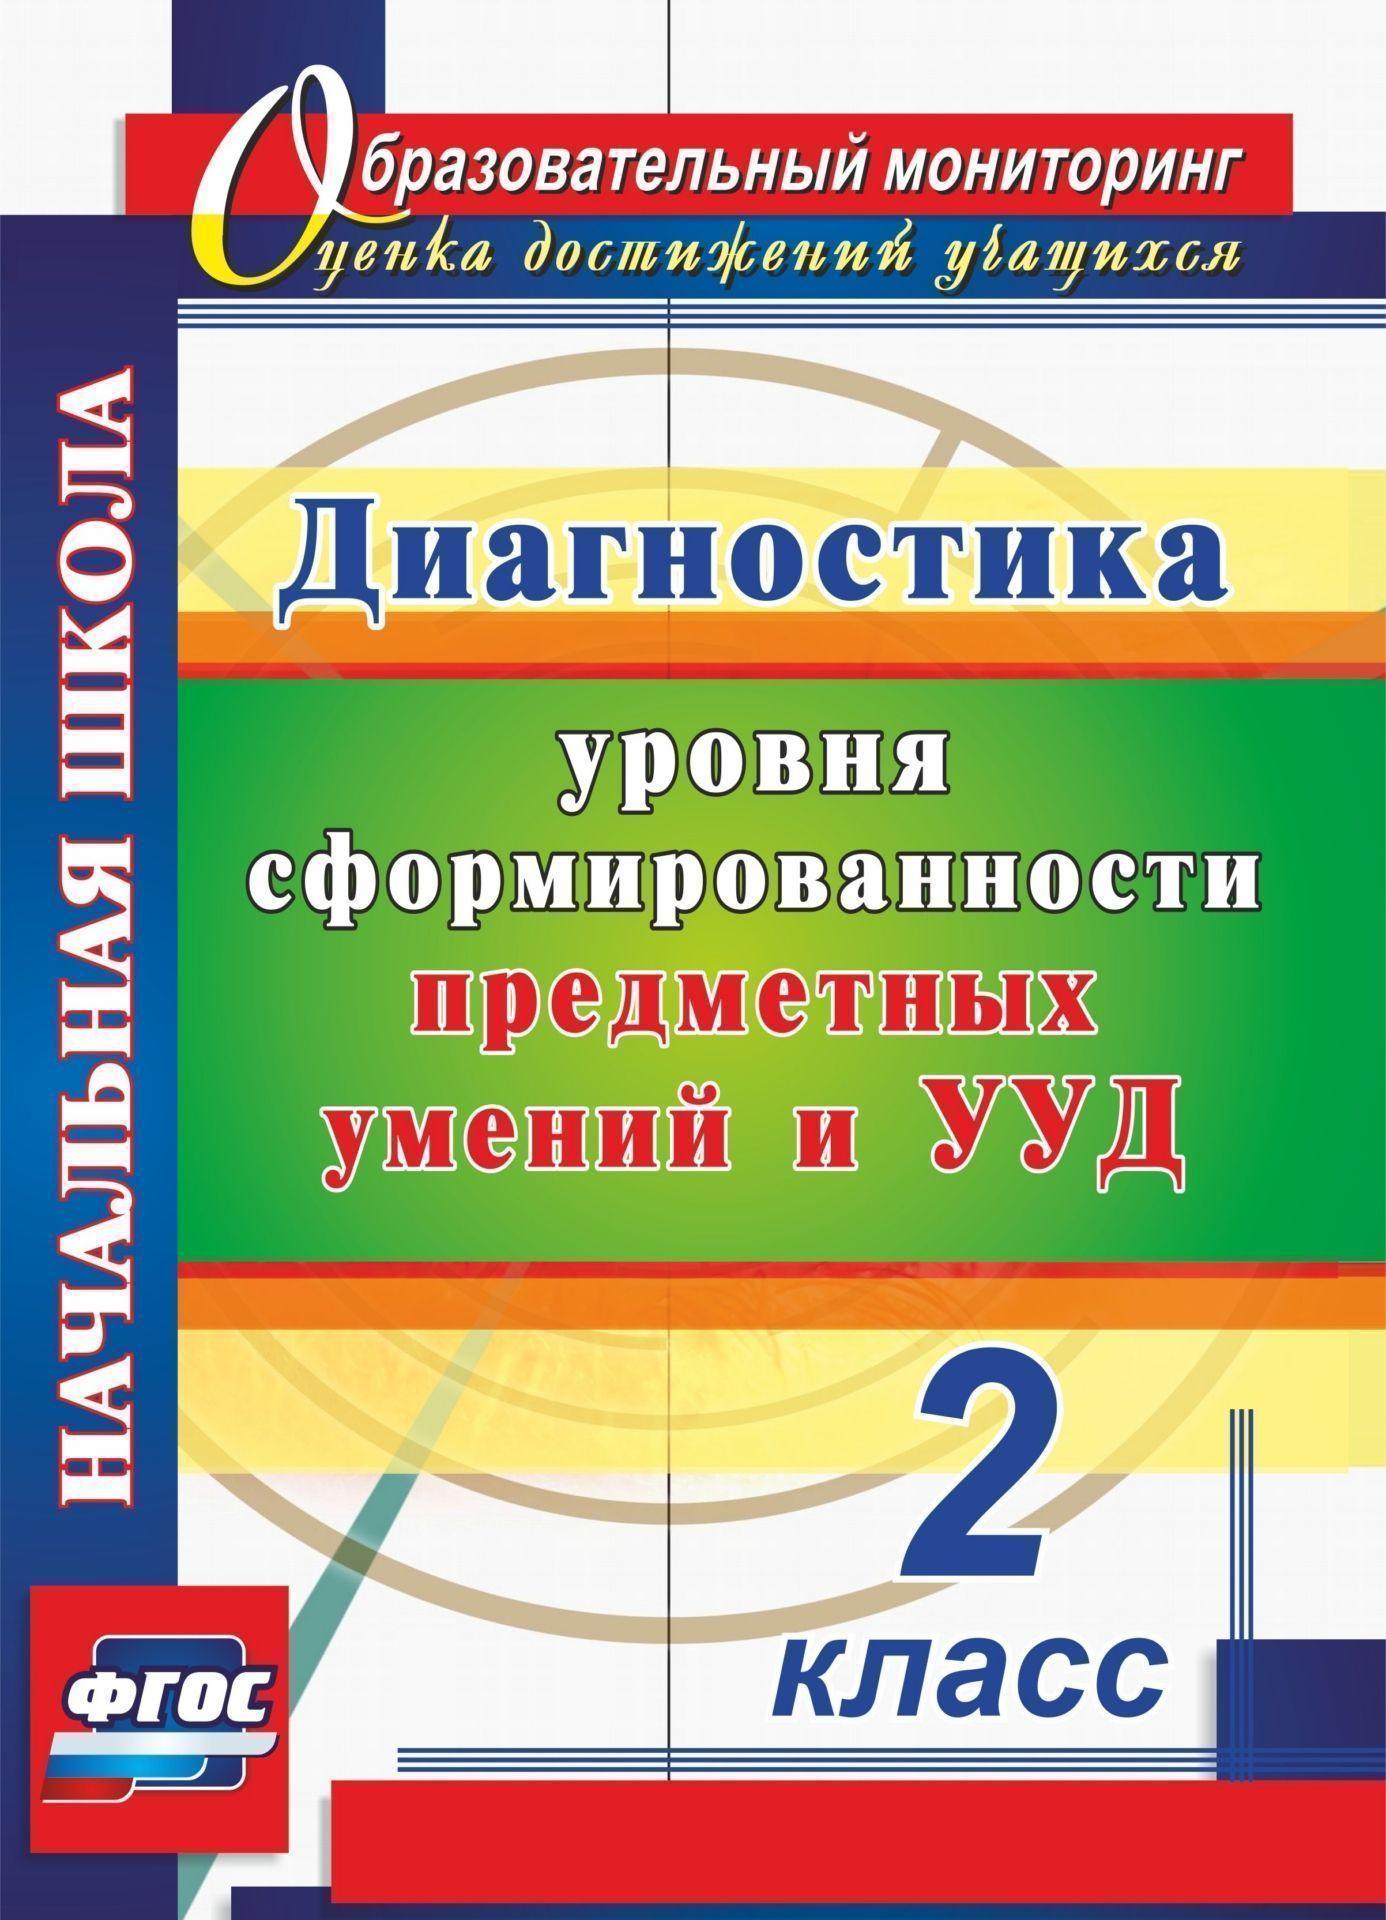 Диагностика уровня сформированности предметных умений и УУД. 2 классНачальная школа<br>В пособии предложены контрольные работы с ответами по русскому языку, литературному чтению, математике, окружающему миру для 2 класса, составленные в соответствии с ФГОС НОО и представленные в форме тестов с разноуровневыми заданиями. Определить уровень с...<br><br>Авторы: Исакова О. А., Лаврентьева Т.М.<br>Год: 2018<br>Серия: Образовательный мониторинг. Оценка достижений учащихся<br>ISBN: 978-5-7057-3634-8, 978-5-7057-4461-9, 978-5-7057-5139-6<br>Высота: 285<br>Ширина: 203<br>Переплёт: мягкая, склейка